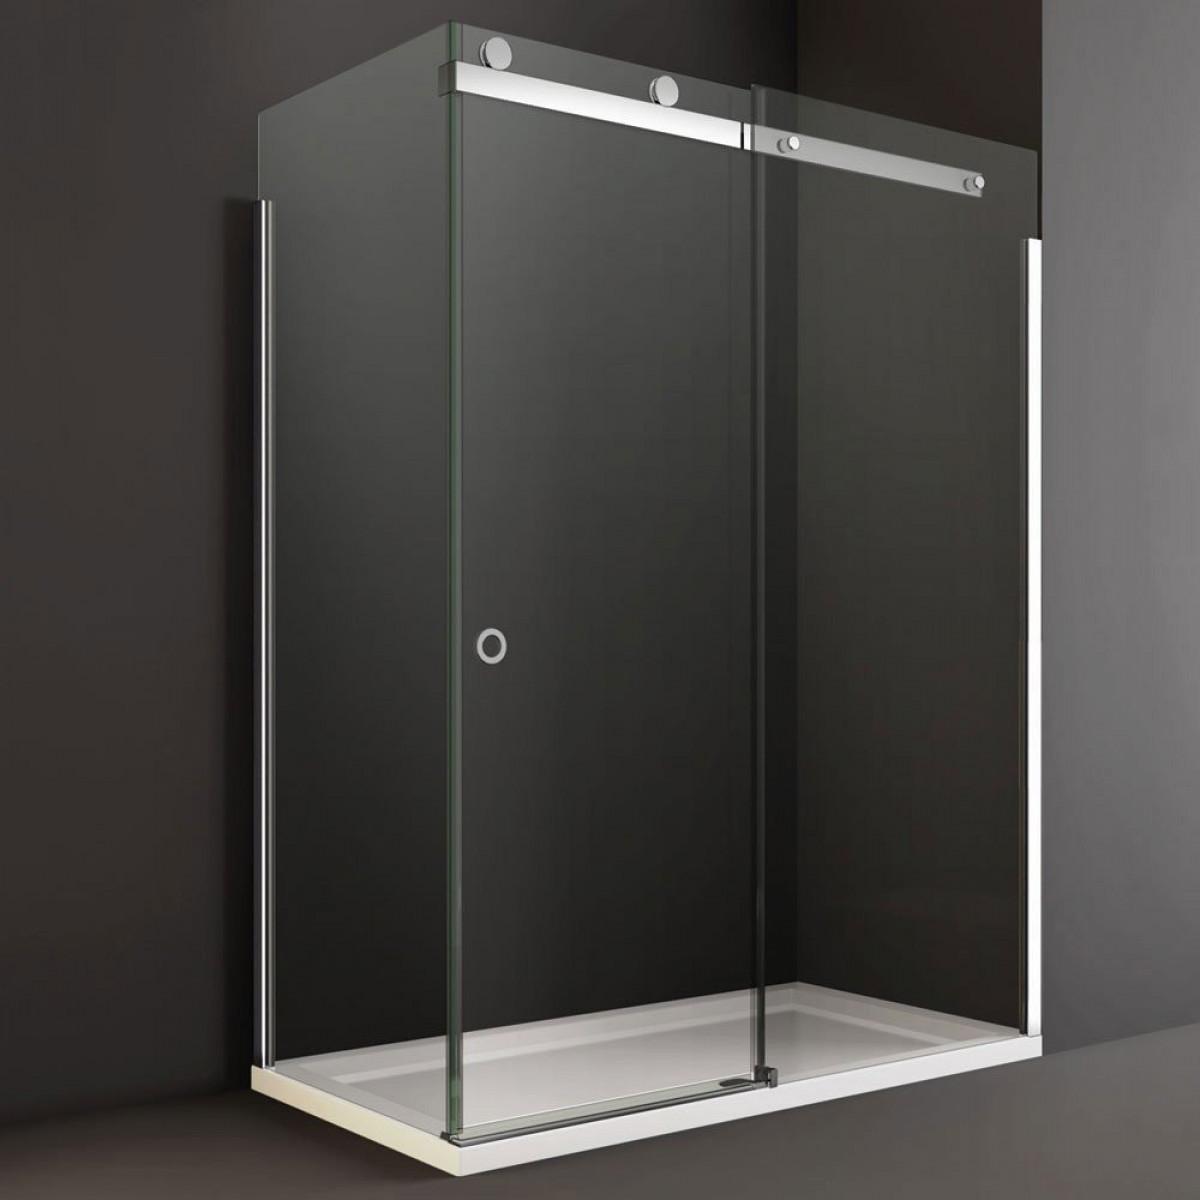 Merlyn 10 series 1400mm sliding shower door m108291c for 1400mm sliding shower door